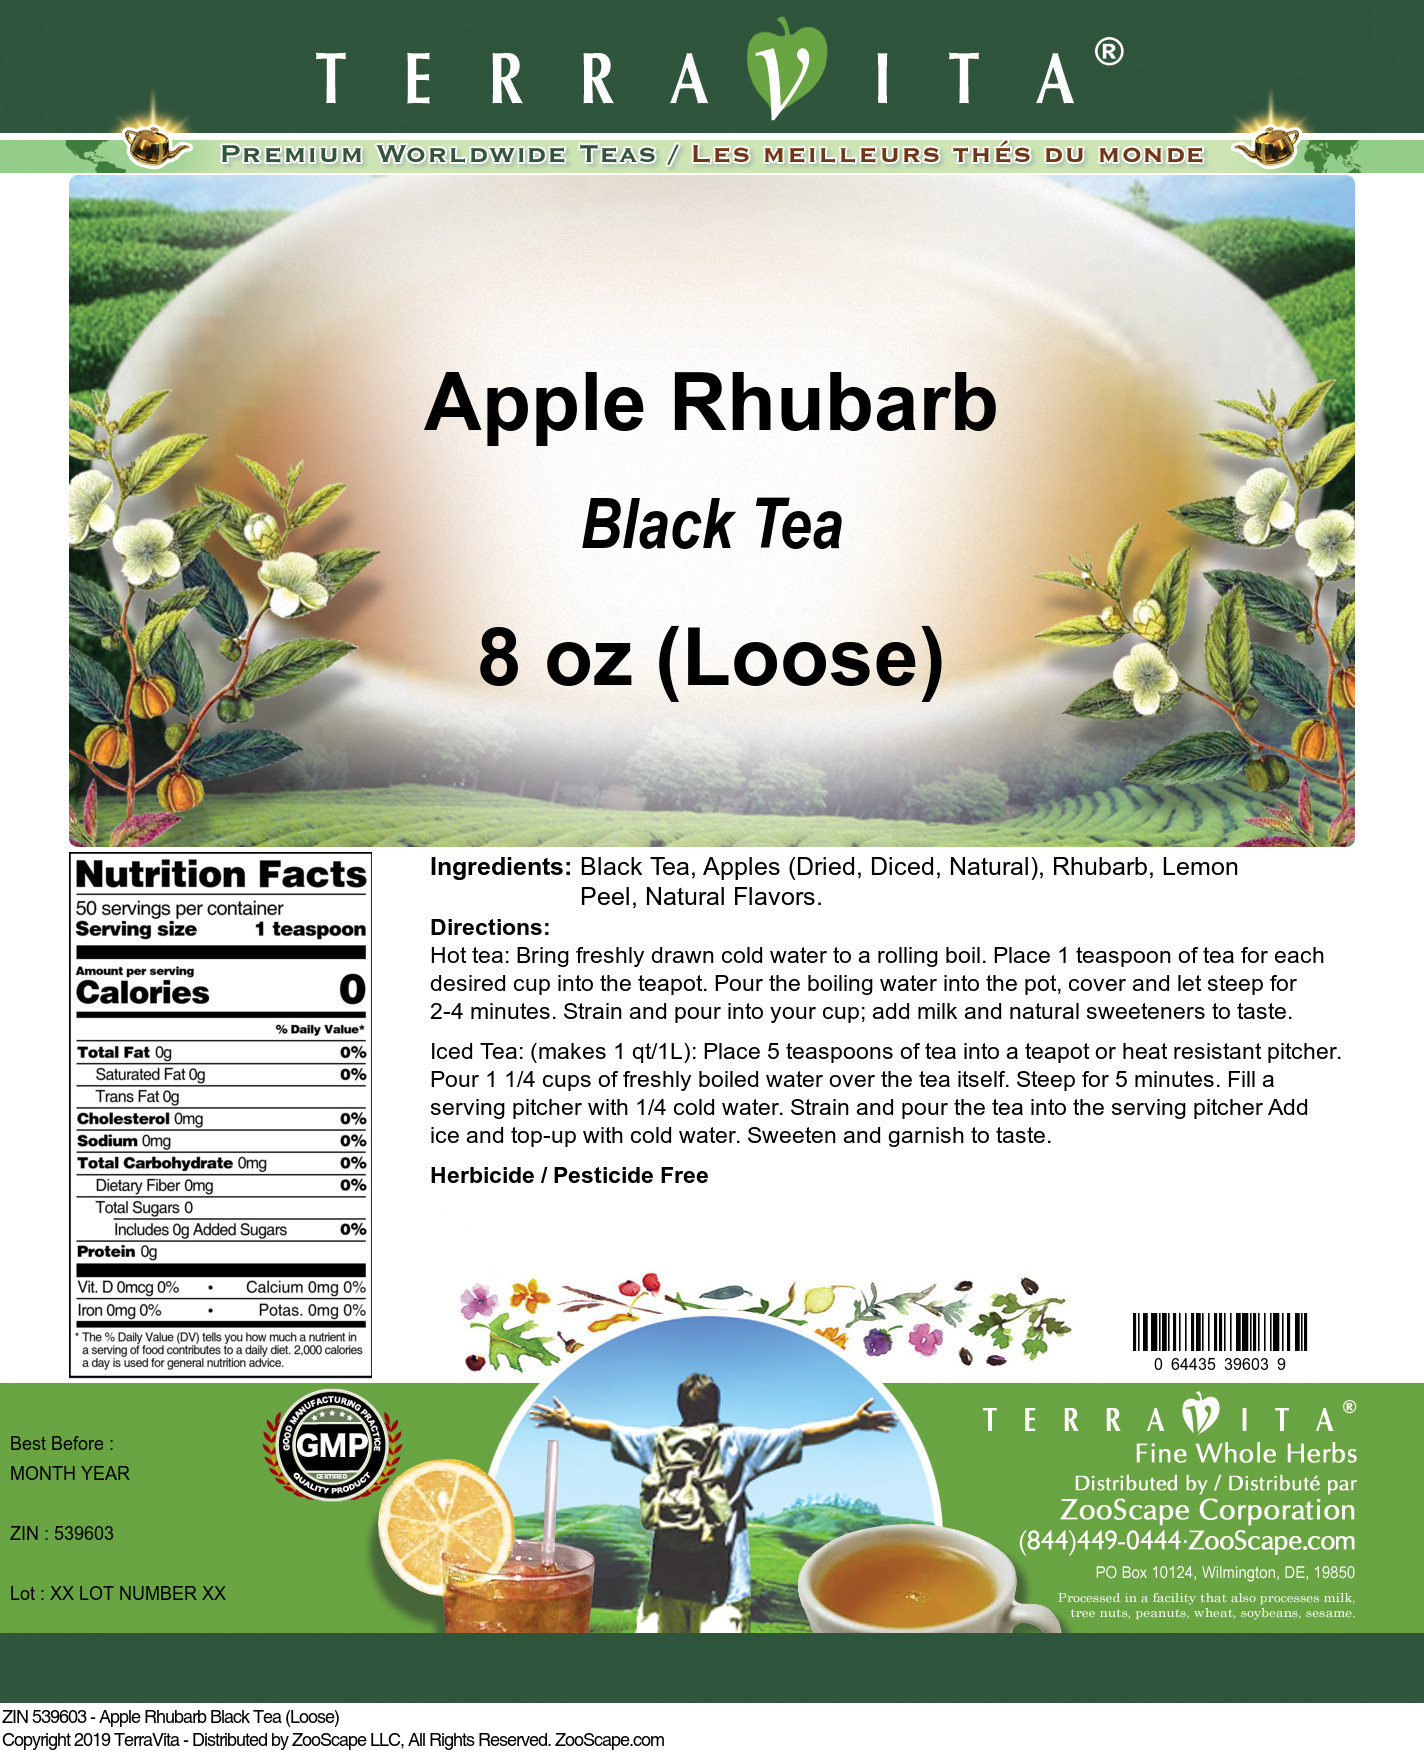 Apple Rhubarb Black Tea (Loose)